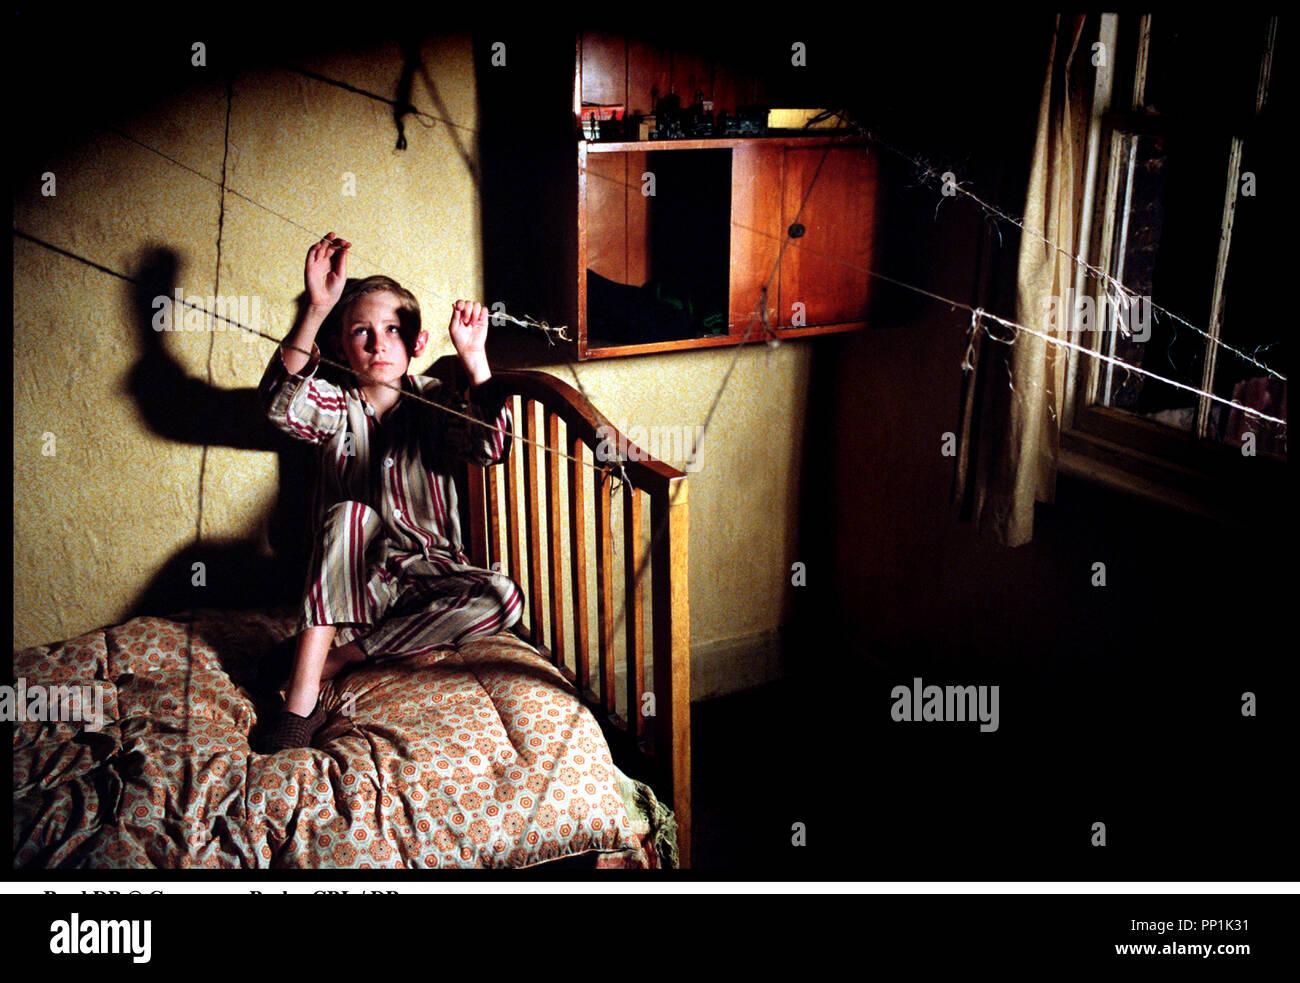 Prod DB © Grosvenor Park - CBL / DR SPIDER (SPIDER) de David Cronenberg 2002 USA avec Bradley Hall enfant, chambre d'apres le roman de Patrick McGrath - Stock Image